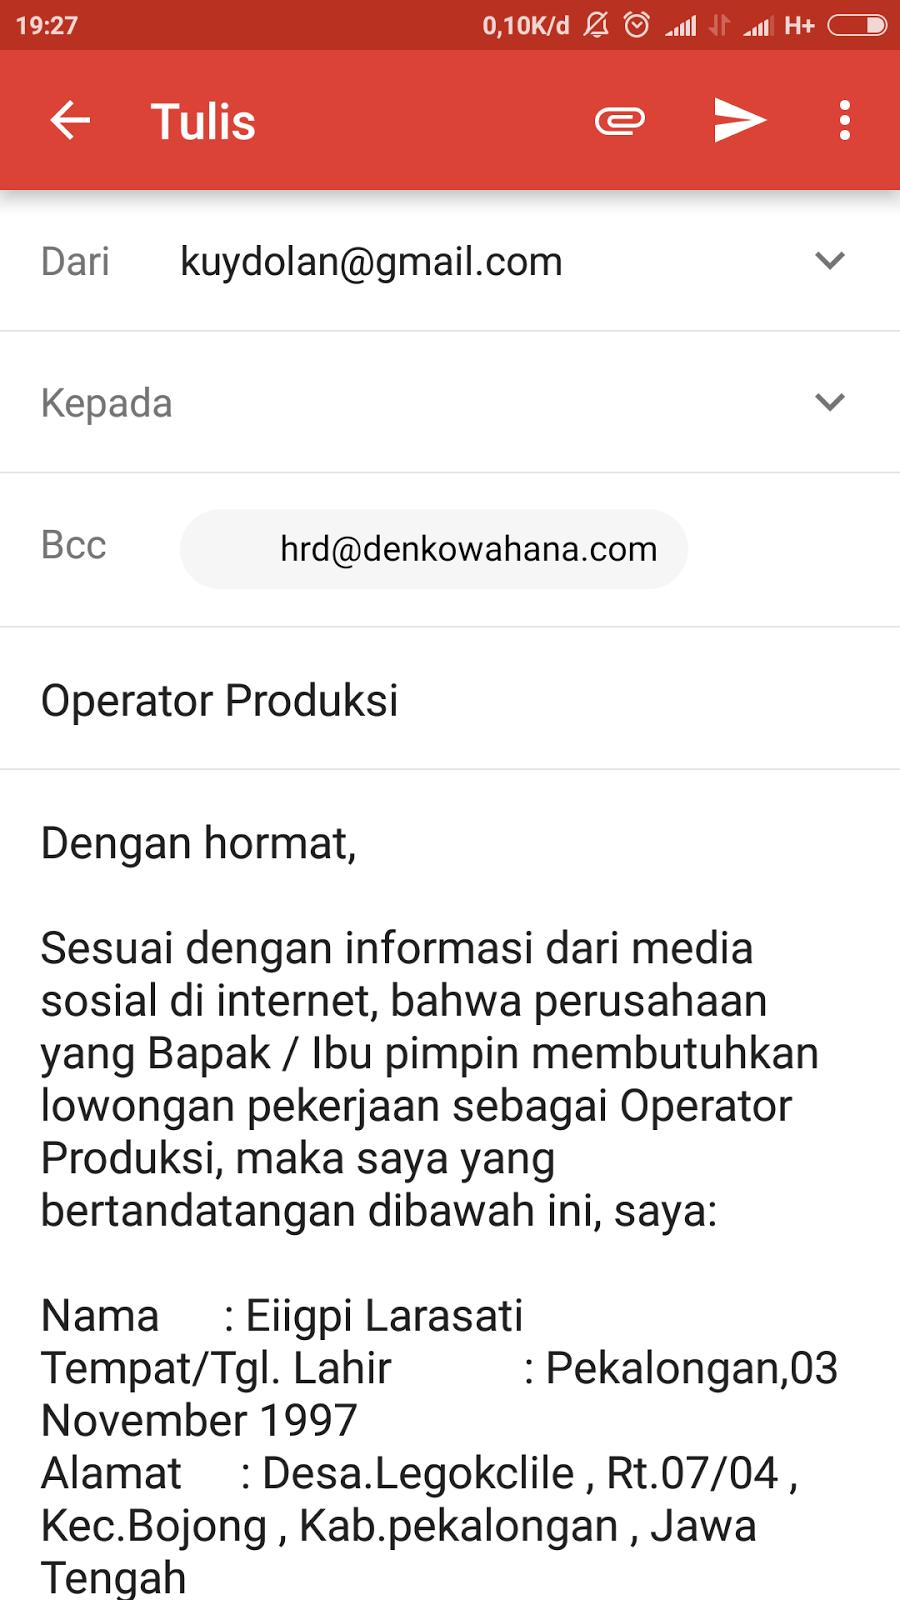 Contoh Surat Lamaran Kerja Untuk Posisi Operator Produksi